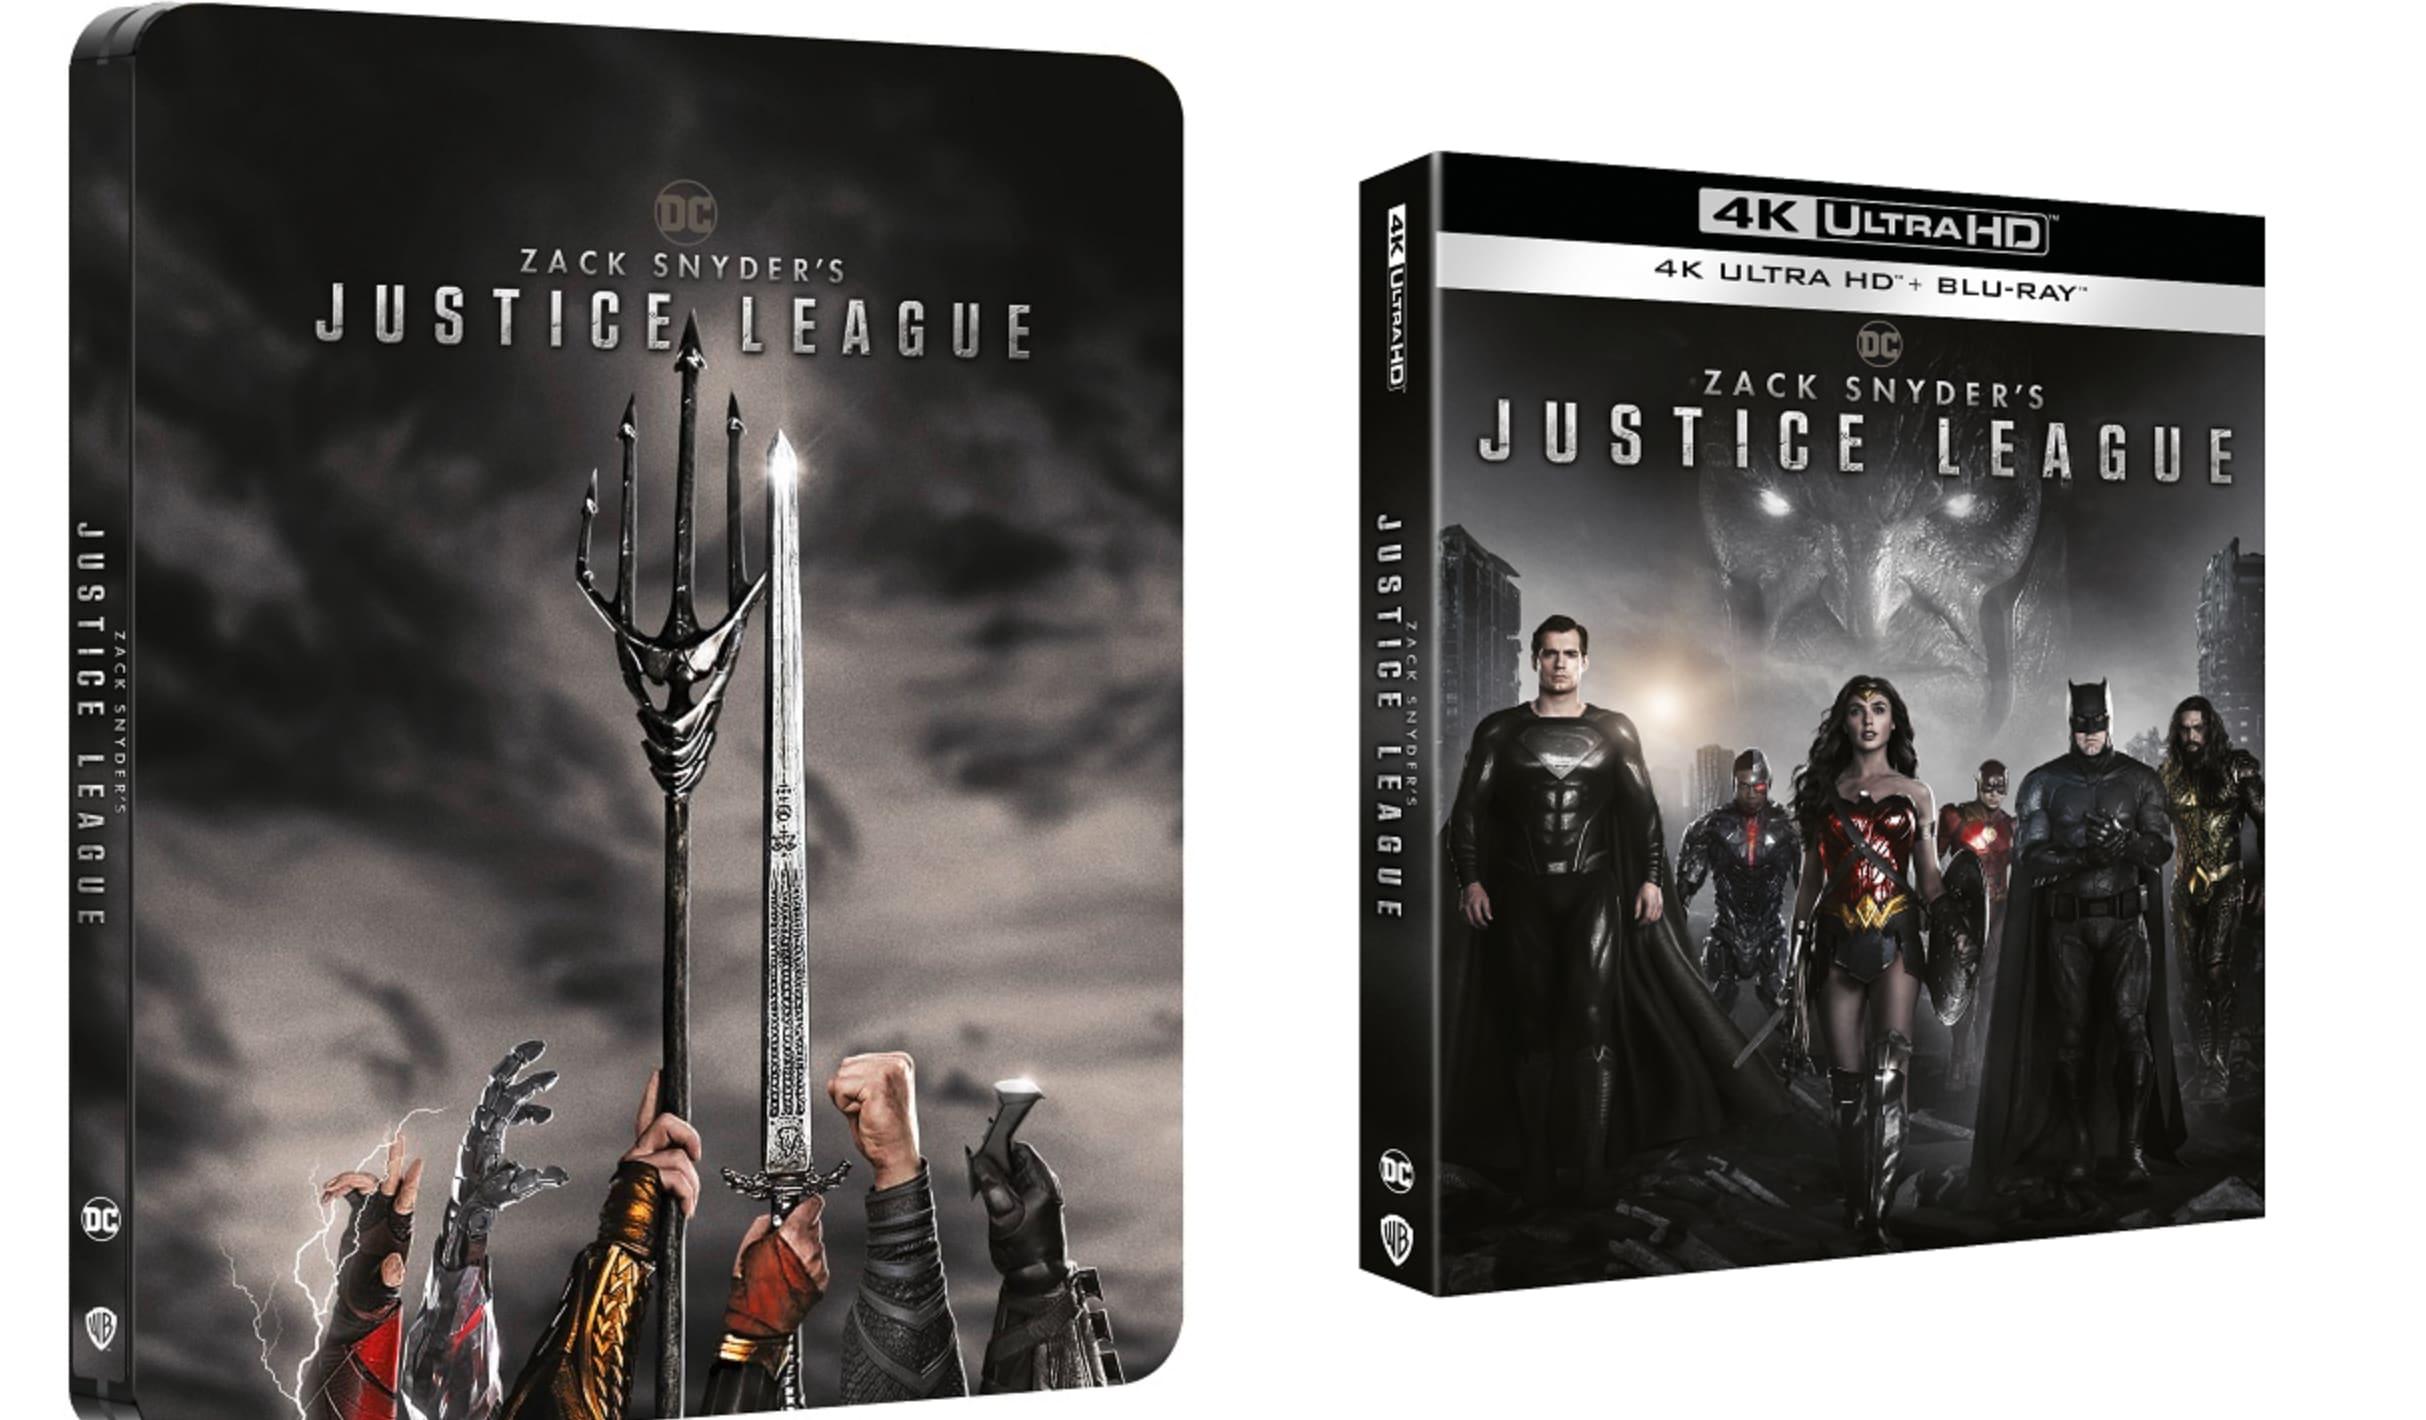 230527918 48e19483 cd06 4bed a46d 86d7bd028d5c - Zack Snyder's Justice League disponibile in DVD, Blu-Ray e 4K UHD